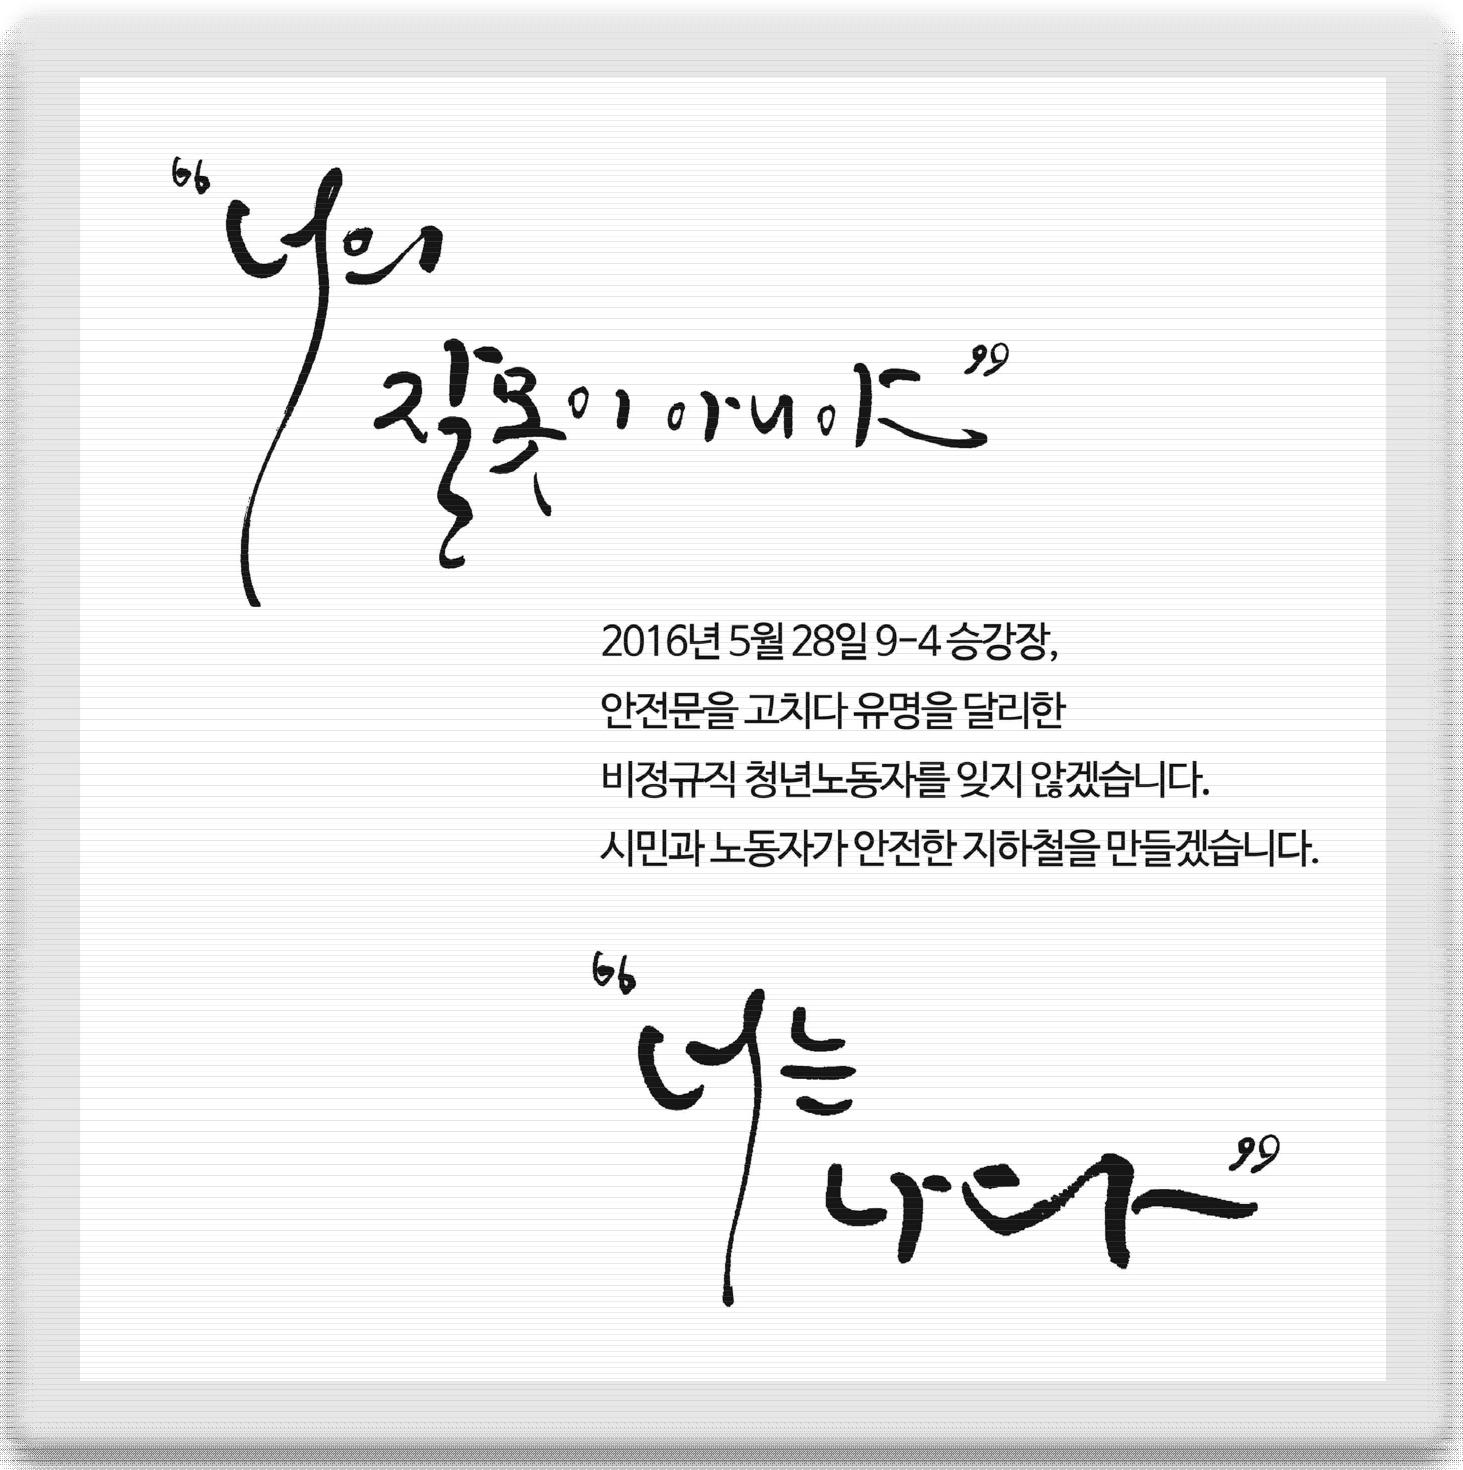 구의역 사망재해 시민대책위 진상조사단 진상조사 결과 시민보고회-1.jpg